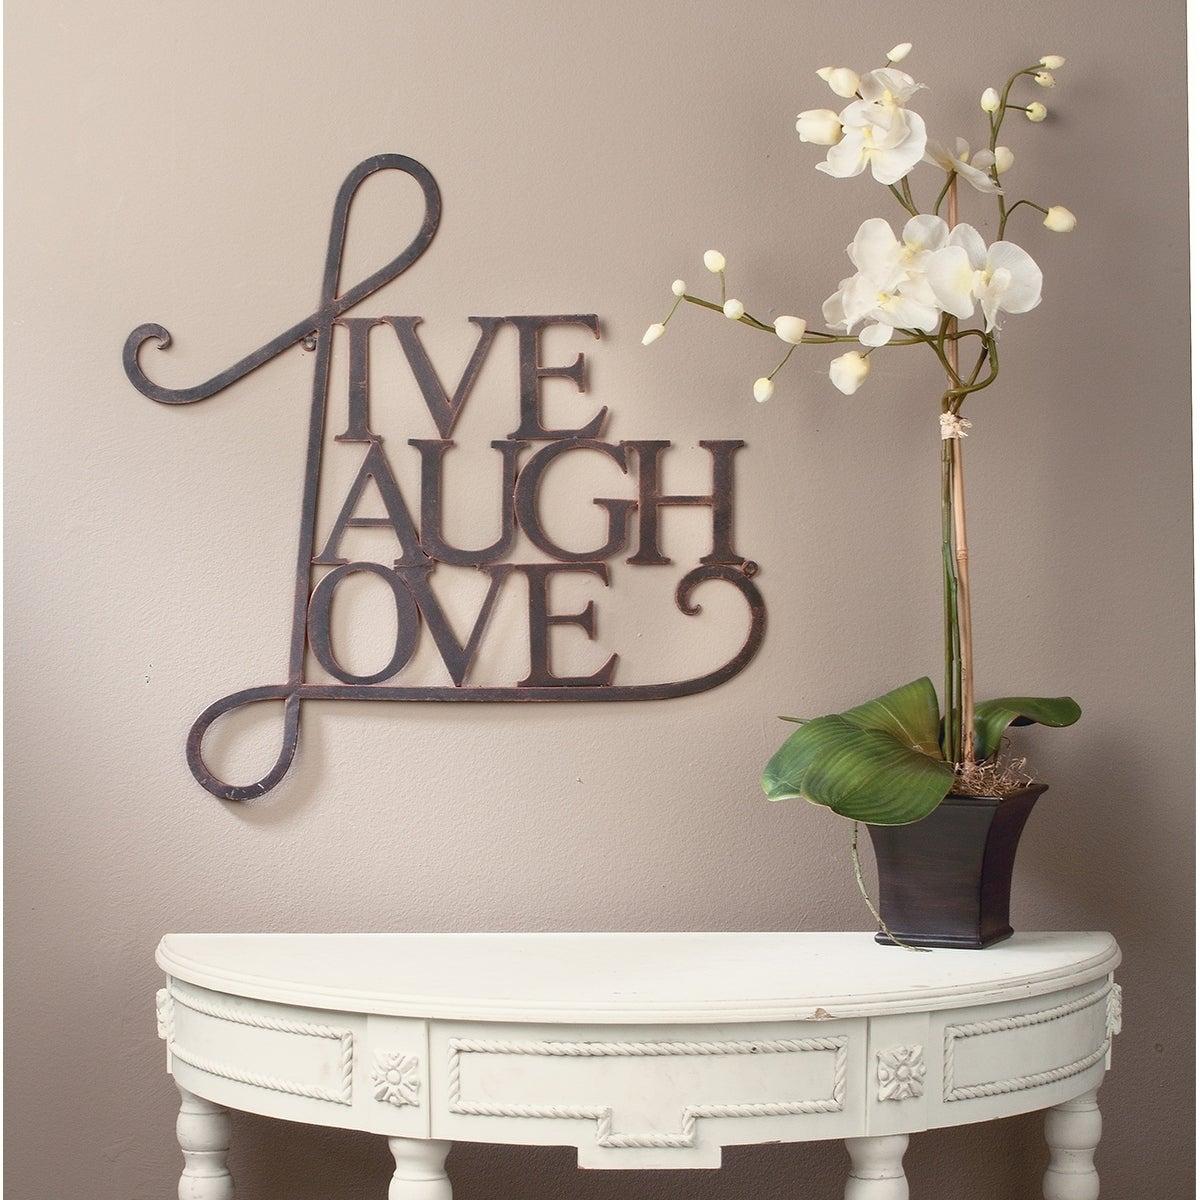 Live, Laugh, Love Wall Decor Antique Copper / White Finish Within Live, Laugh, Love Antique Copper Wall Decor (View 2 of 30)